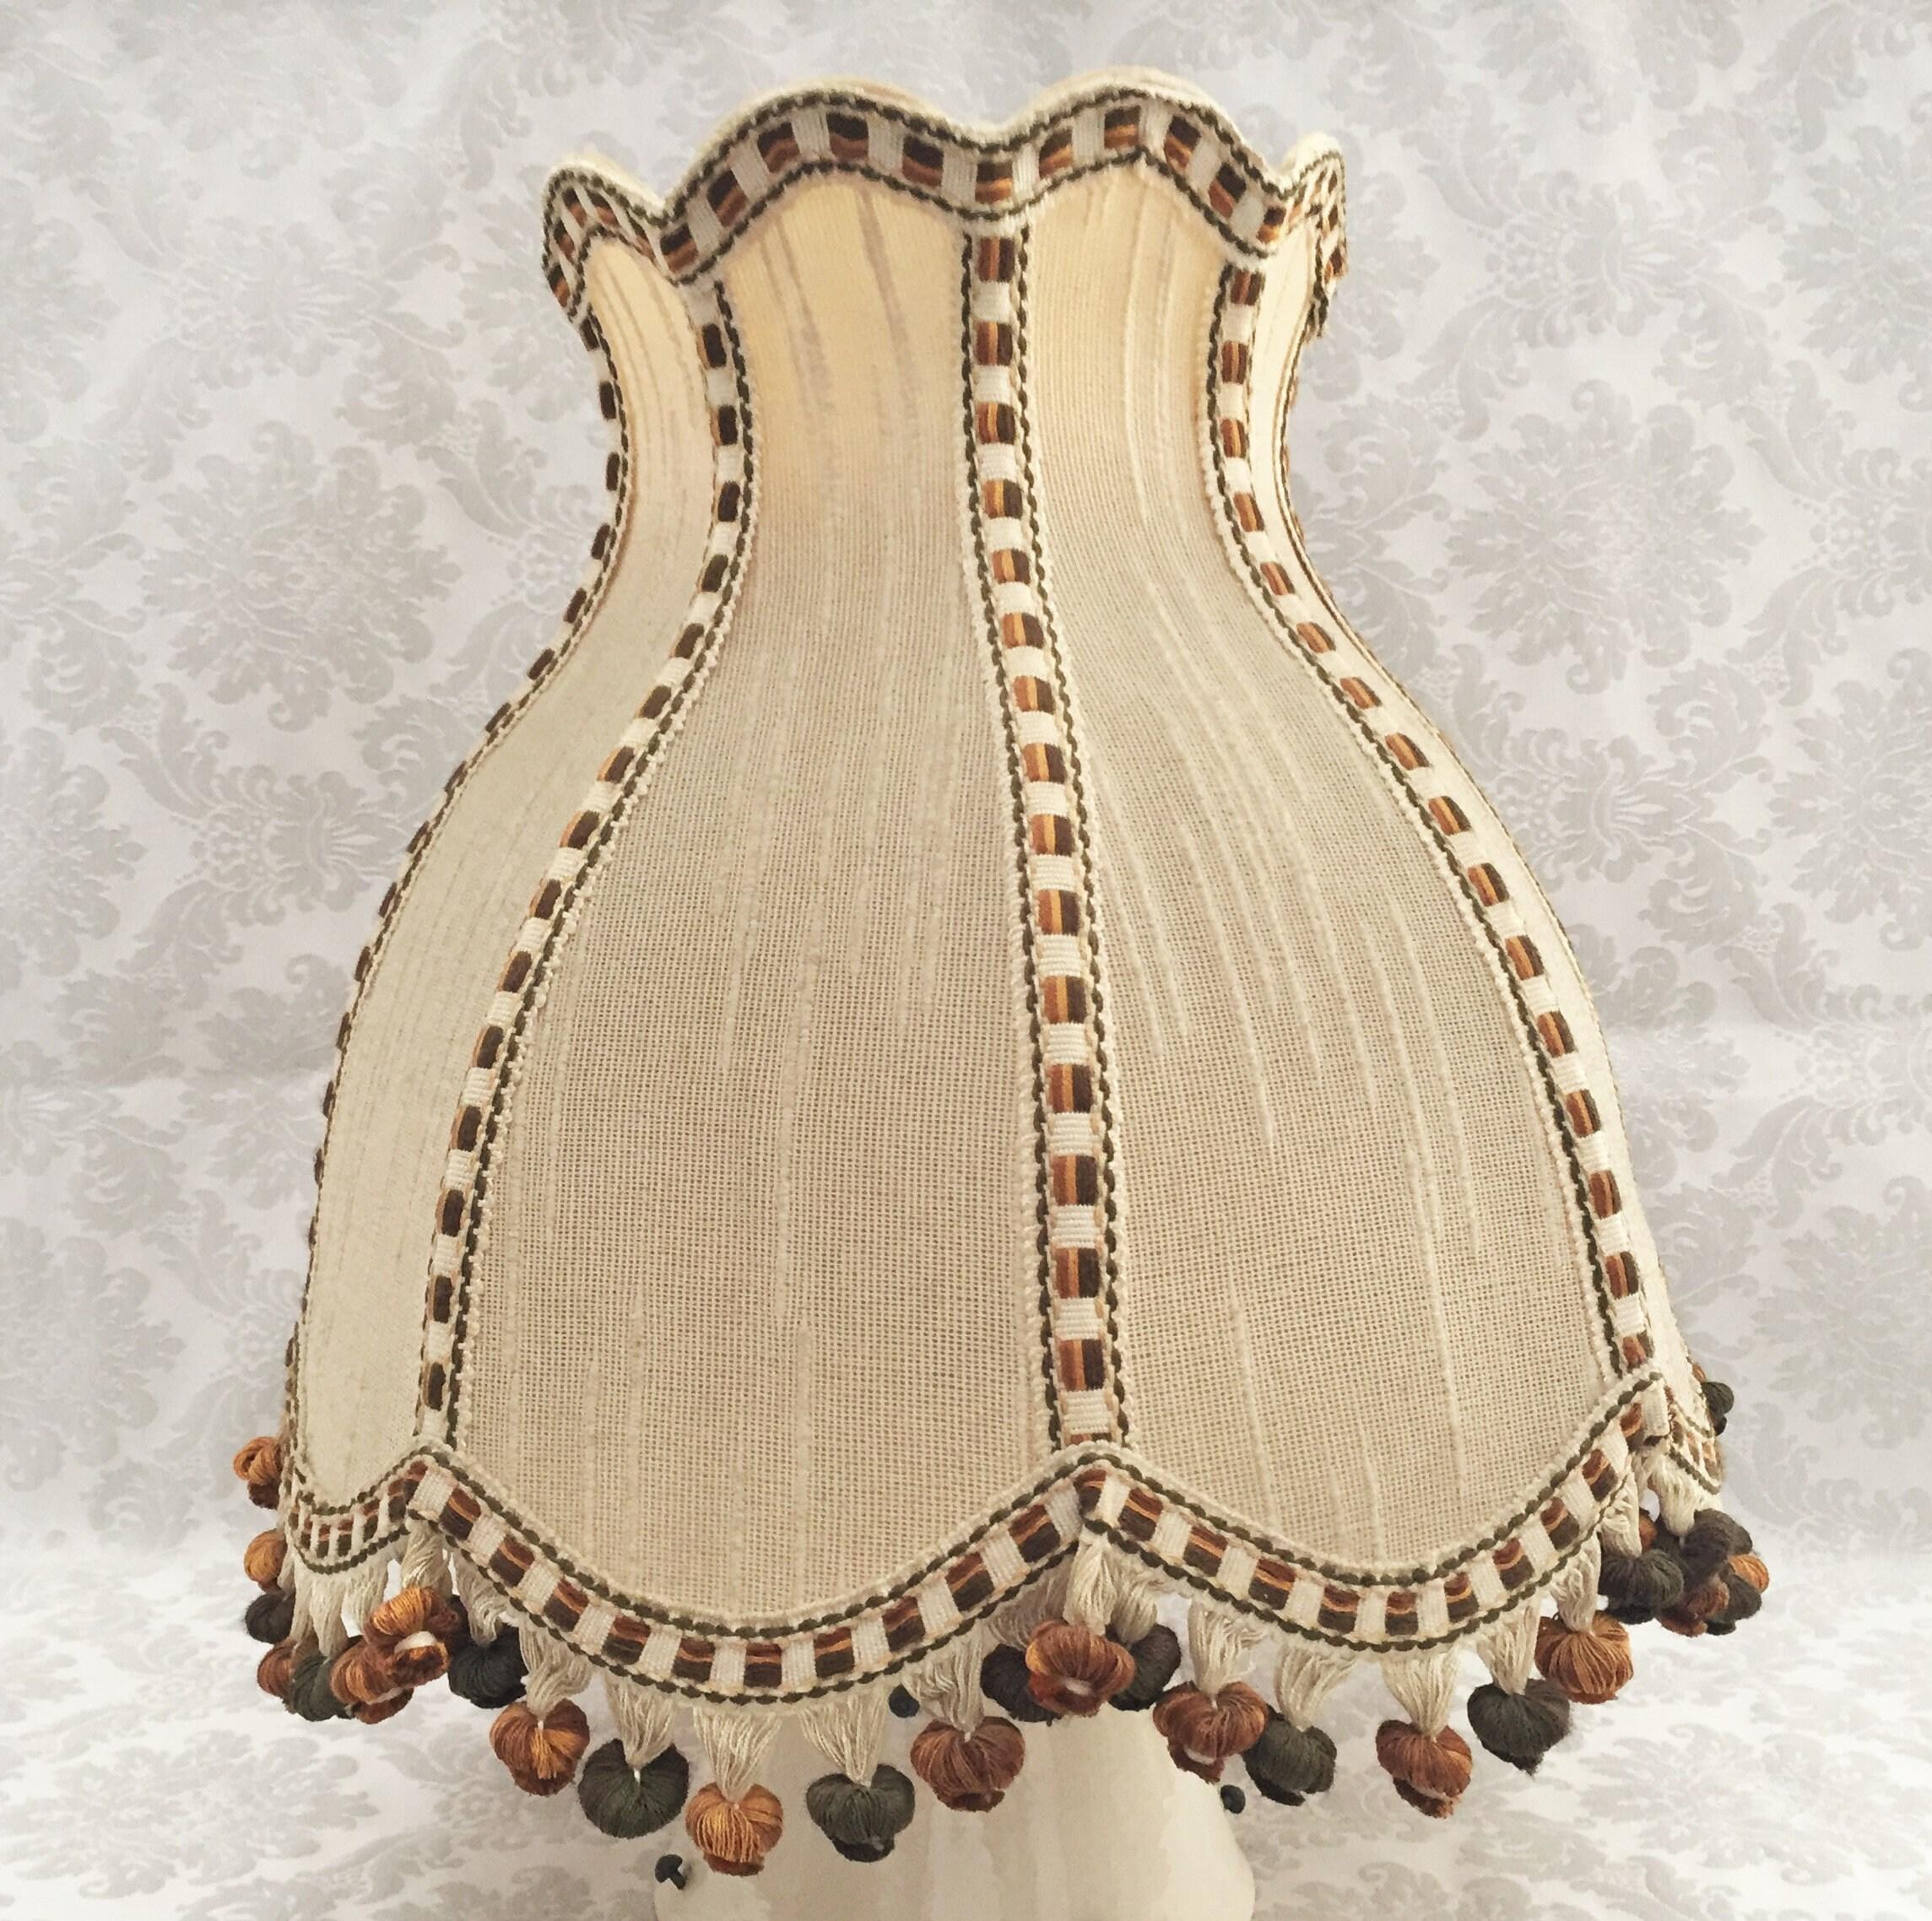 Abat Jour Tulipe Tissu art dèco chapeau abat jour tulipe ancien broderie laine modèle à glands  vintage retro